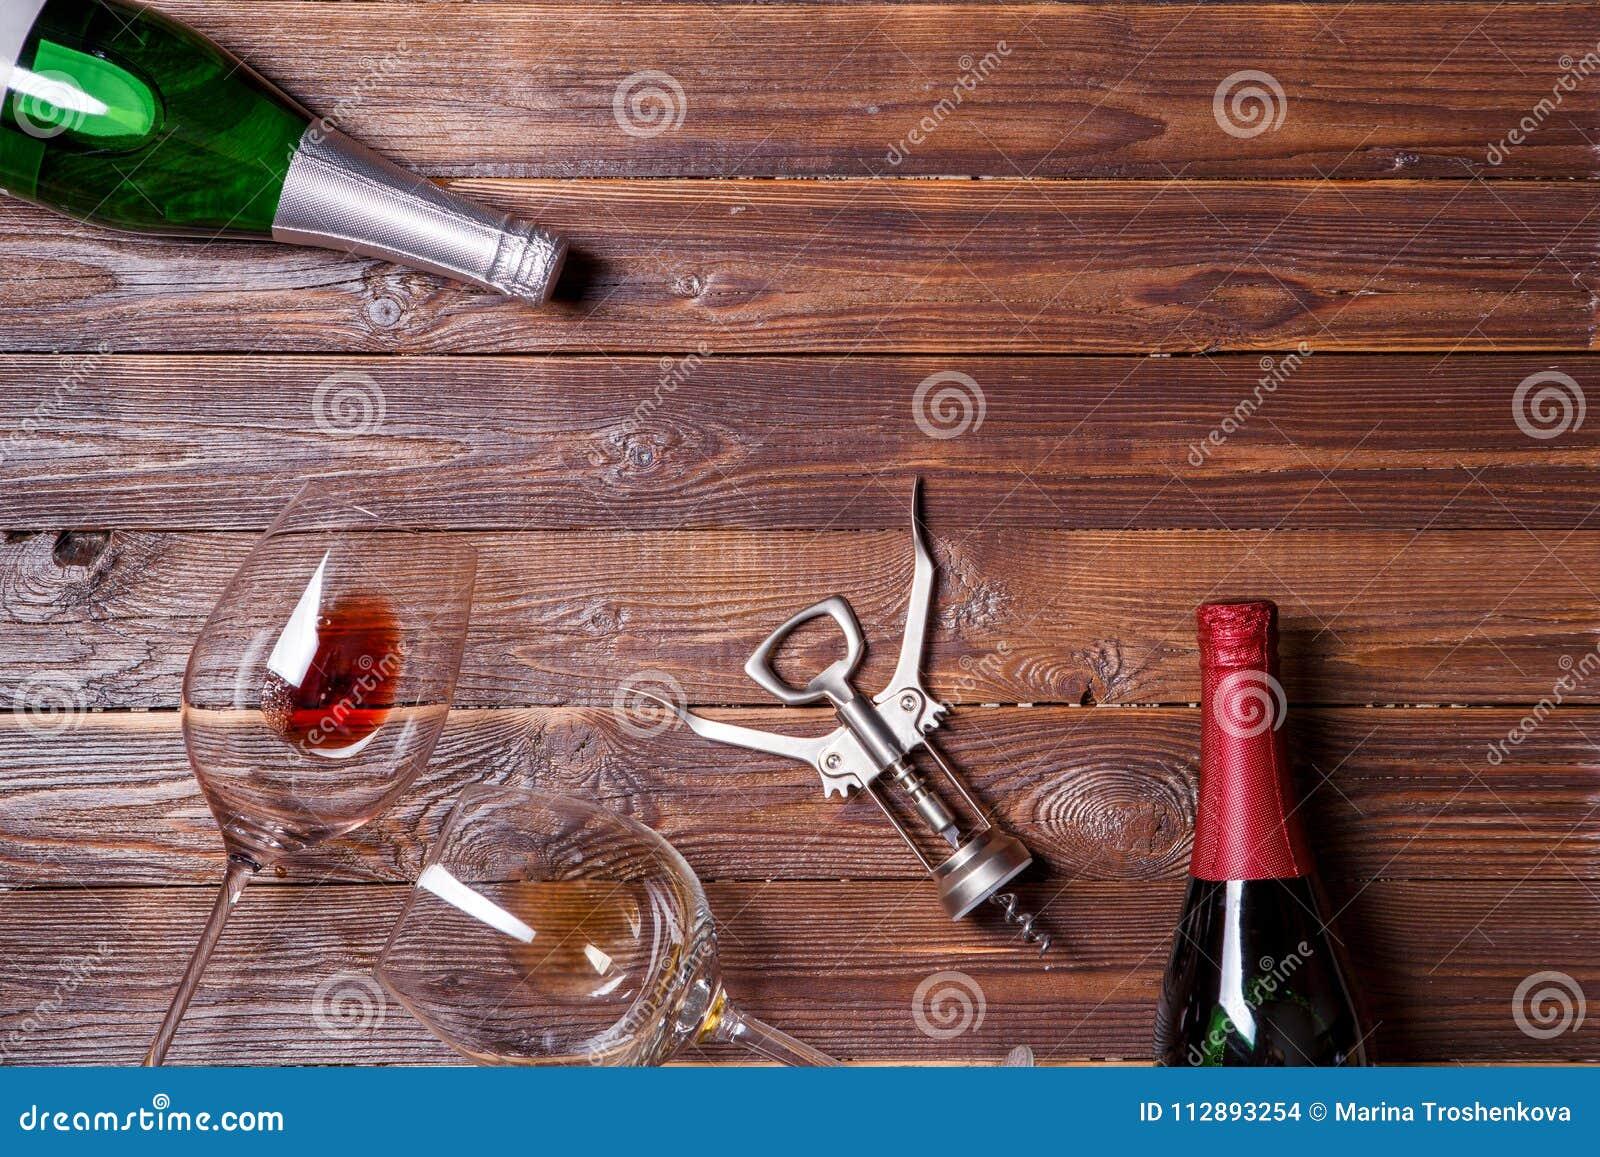 两个瓶酒,两个酒杯和拔塞螺旋照片